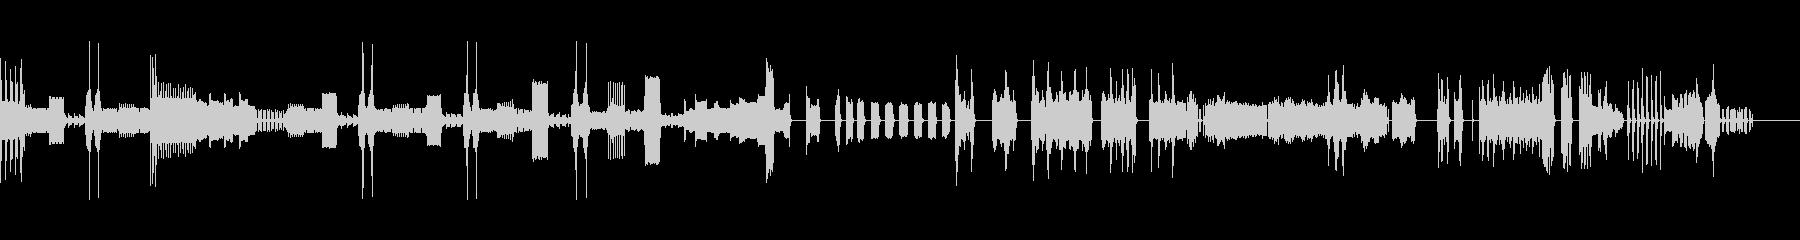 アラームカータイプ1〜6。アラーム...の未再生の波形